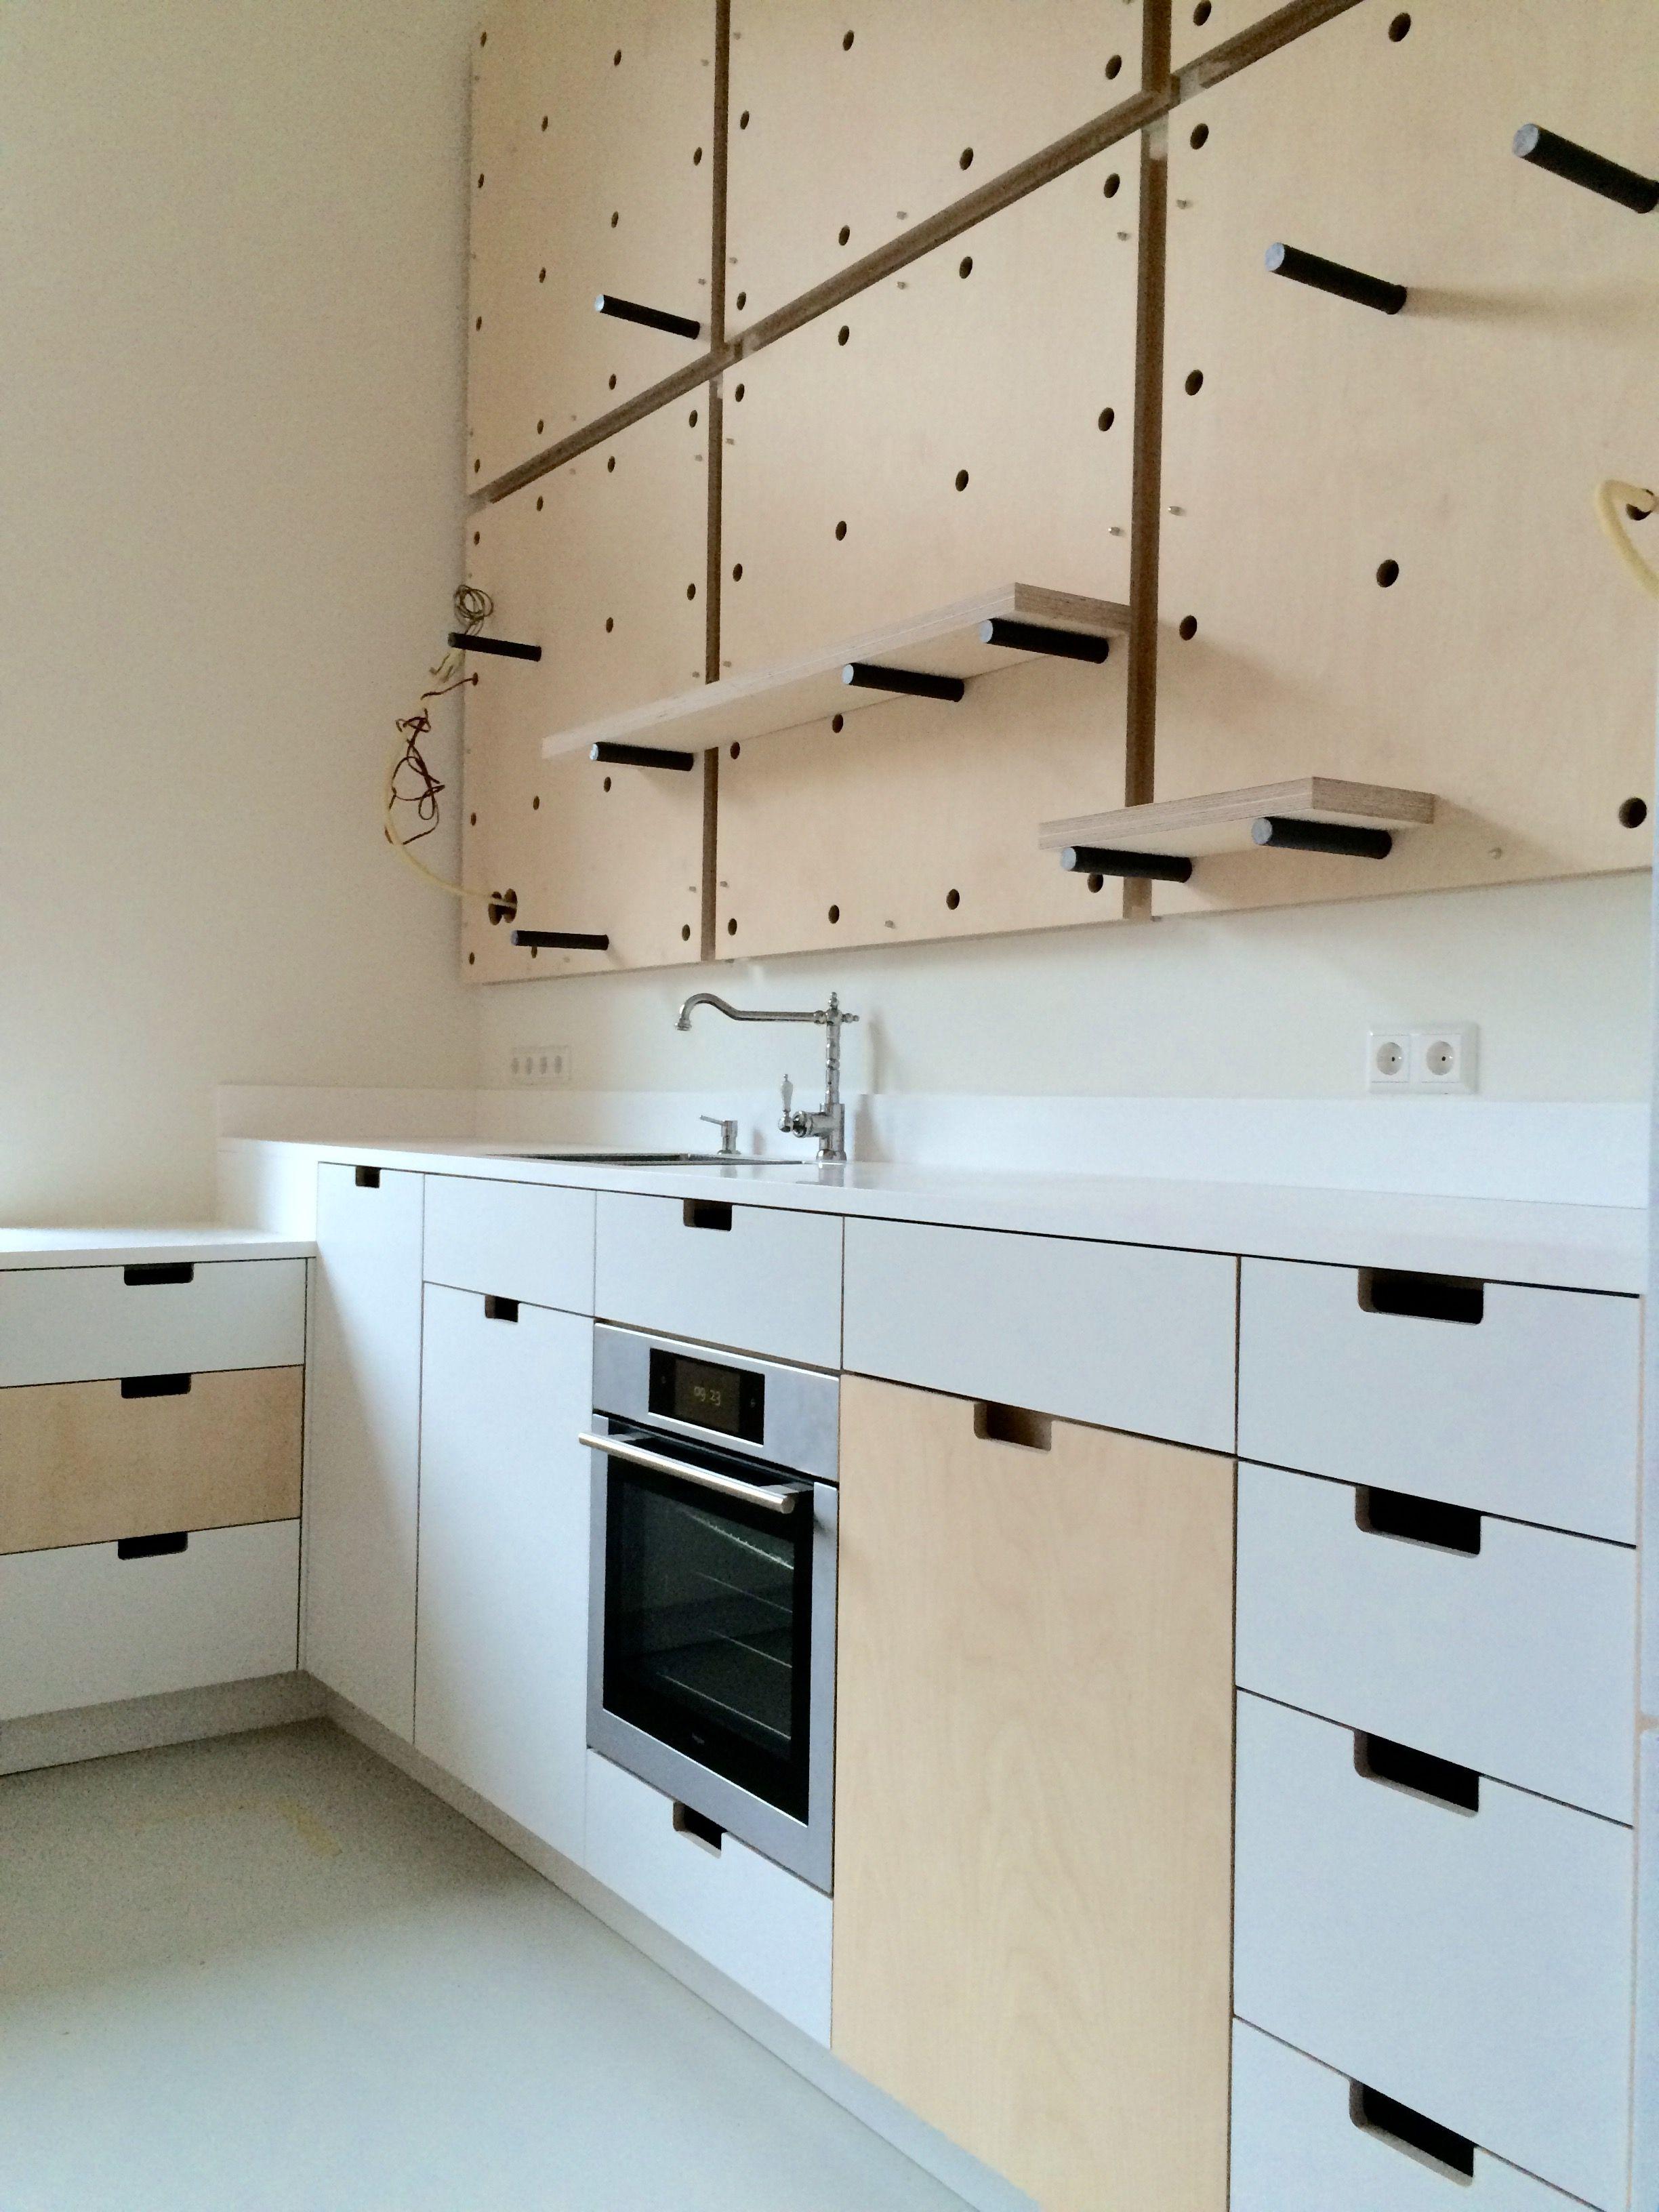 keuken van berken multiplex en betacryl door justus tjebbo interieur wwwjustusentjebbonl